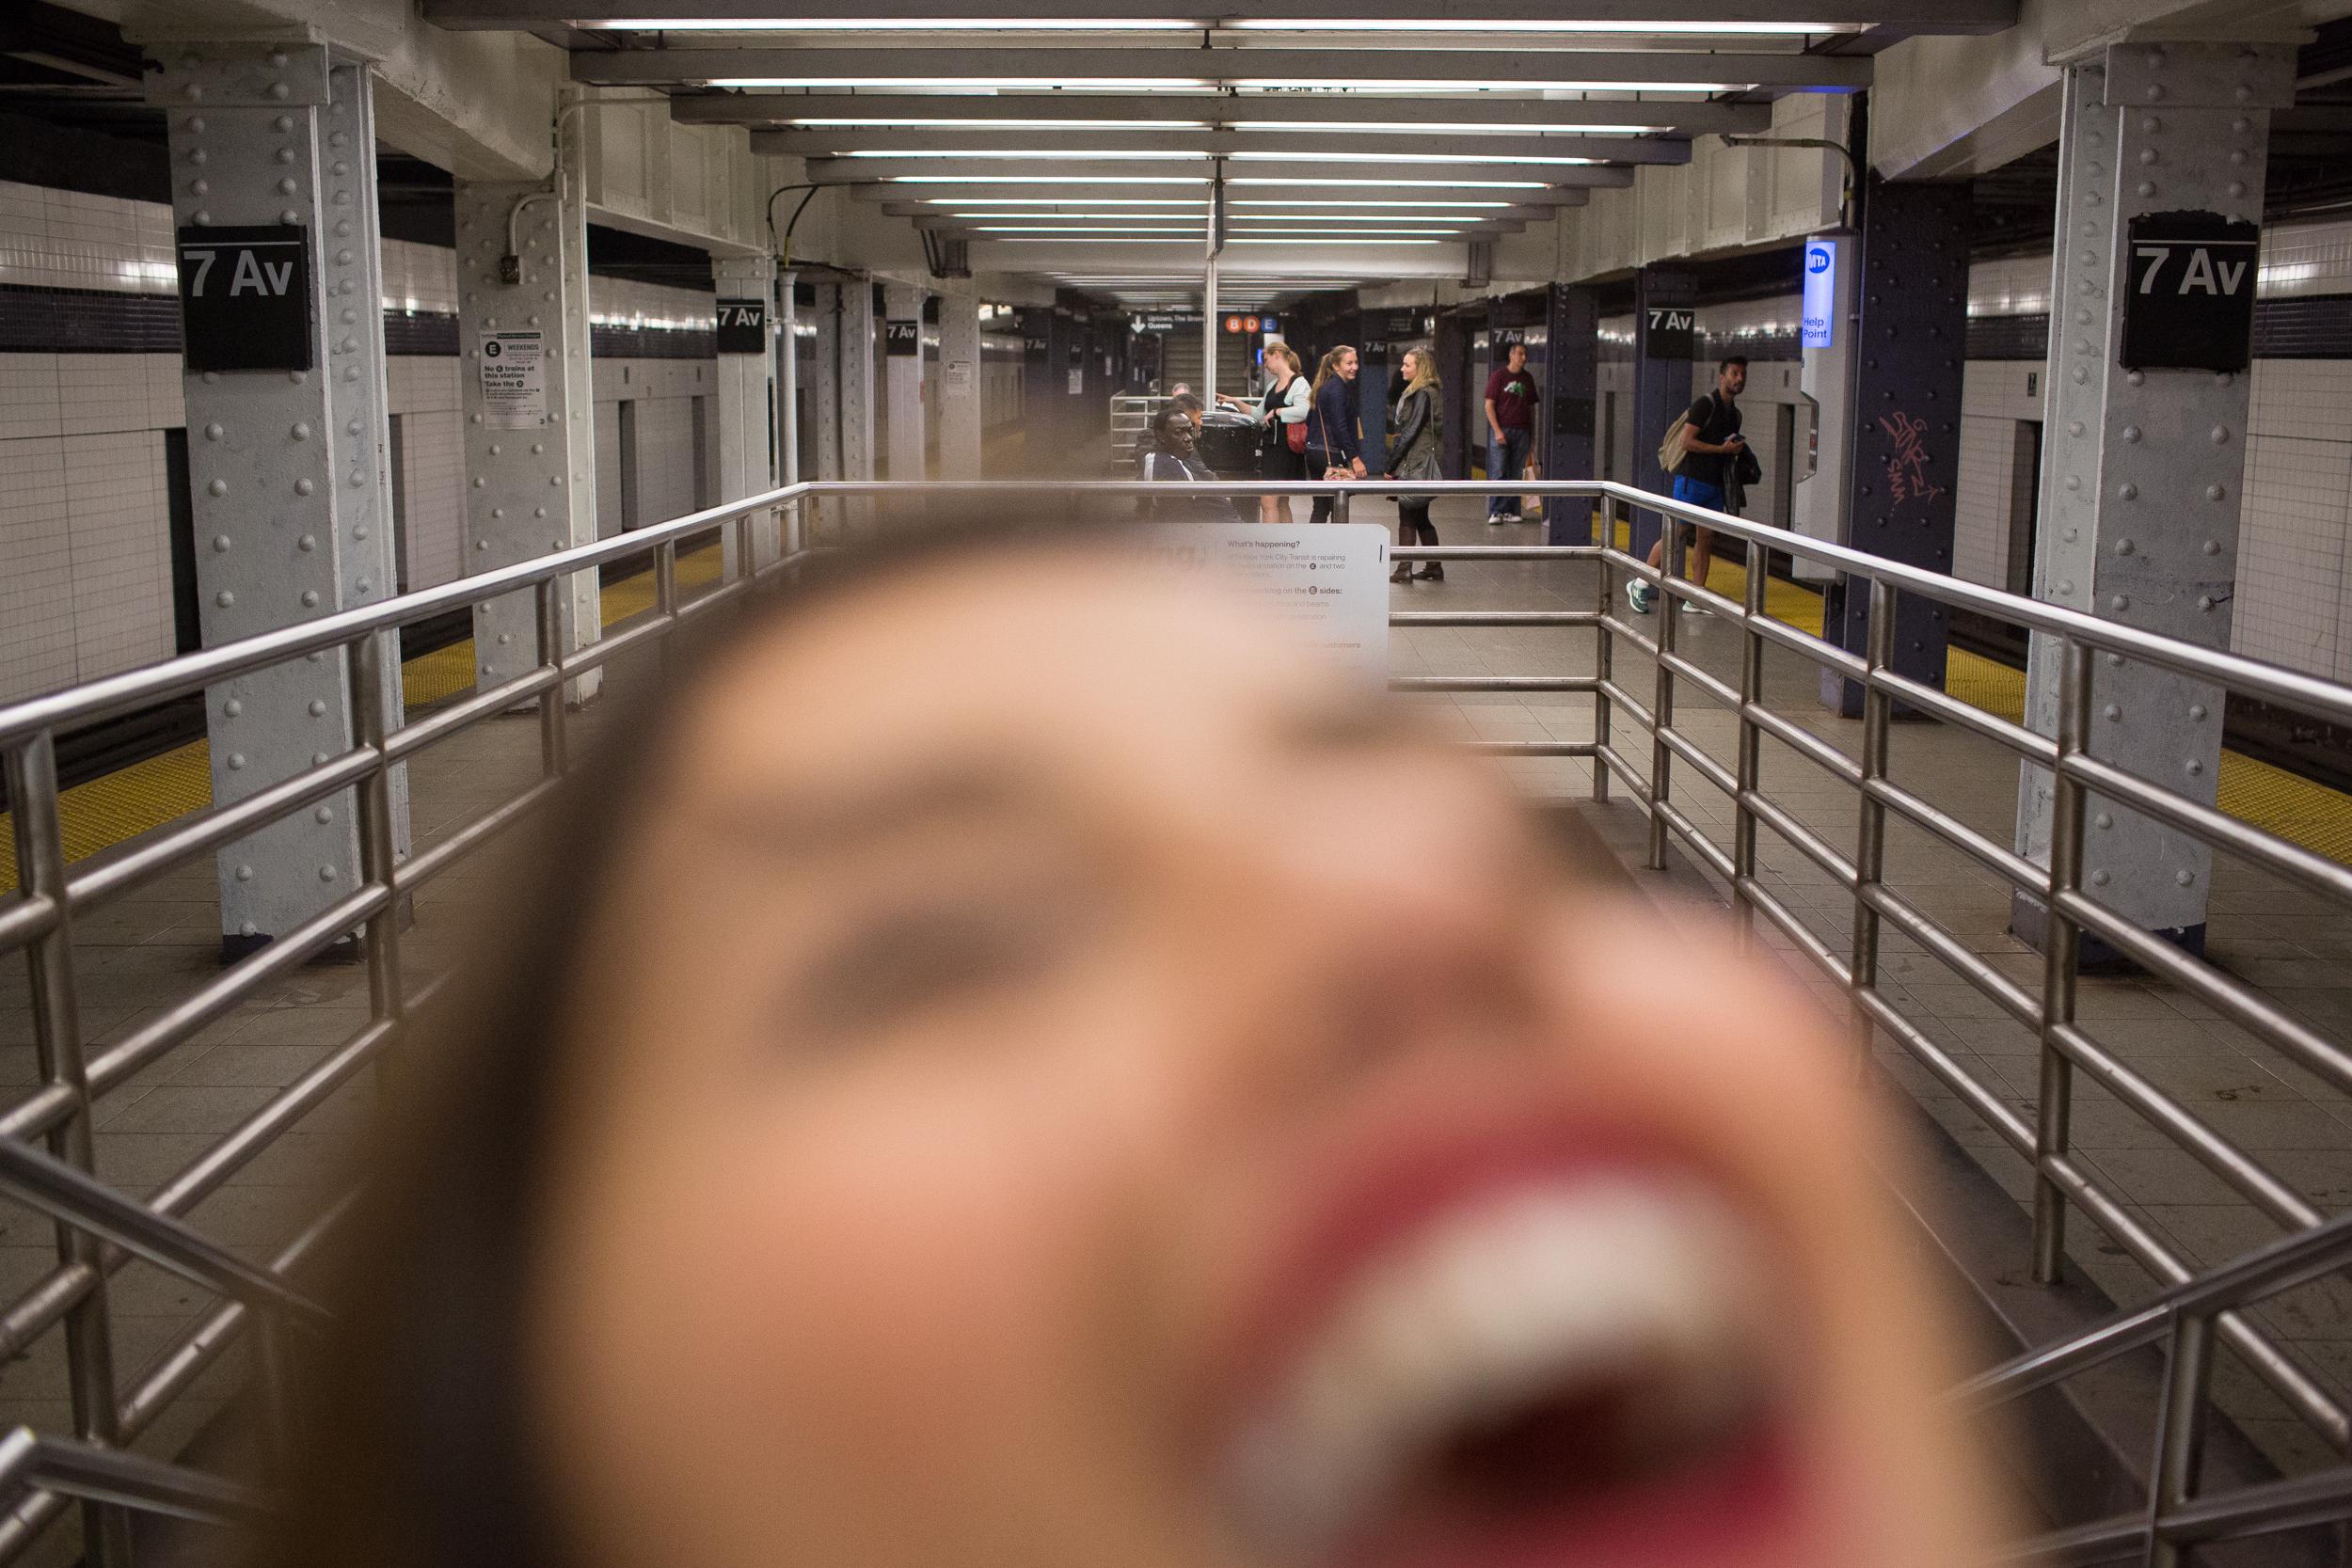 Late night train station in Brooklyn, N.Y. on Oct 21, 2015.